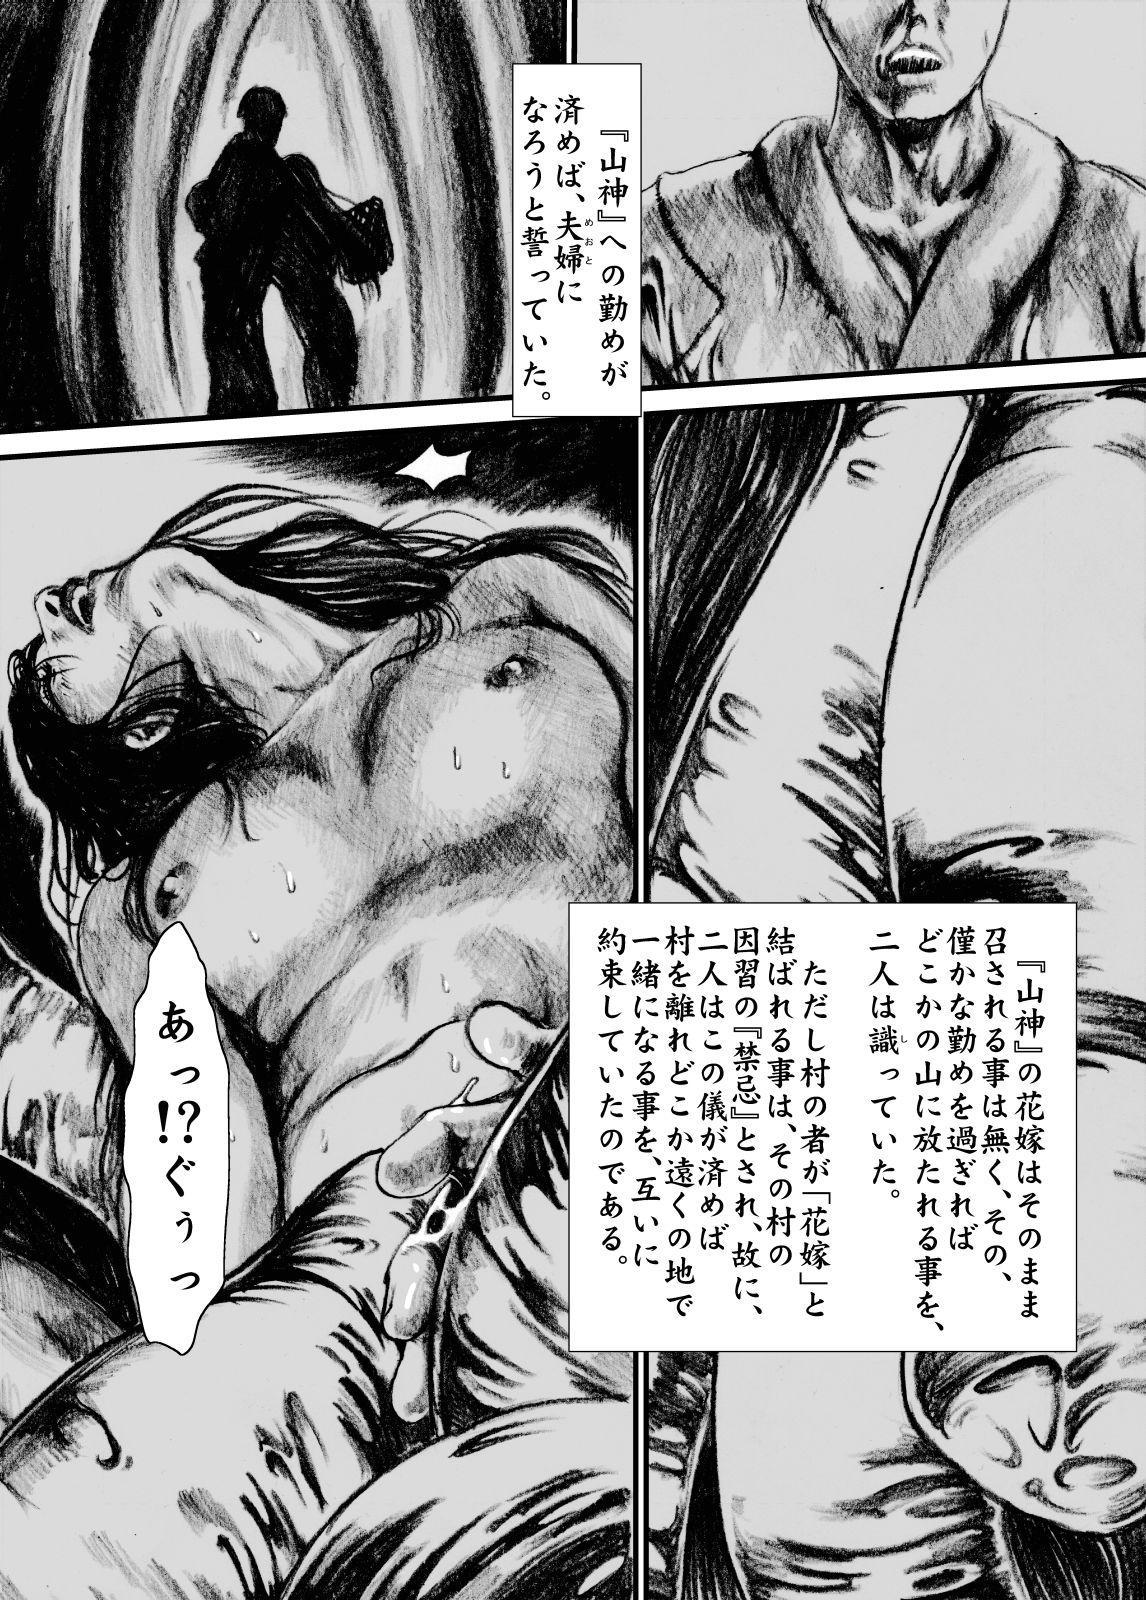 maguma no ikenie kijin-ro 4